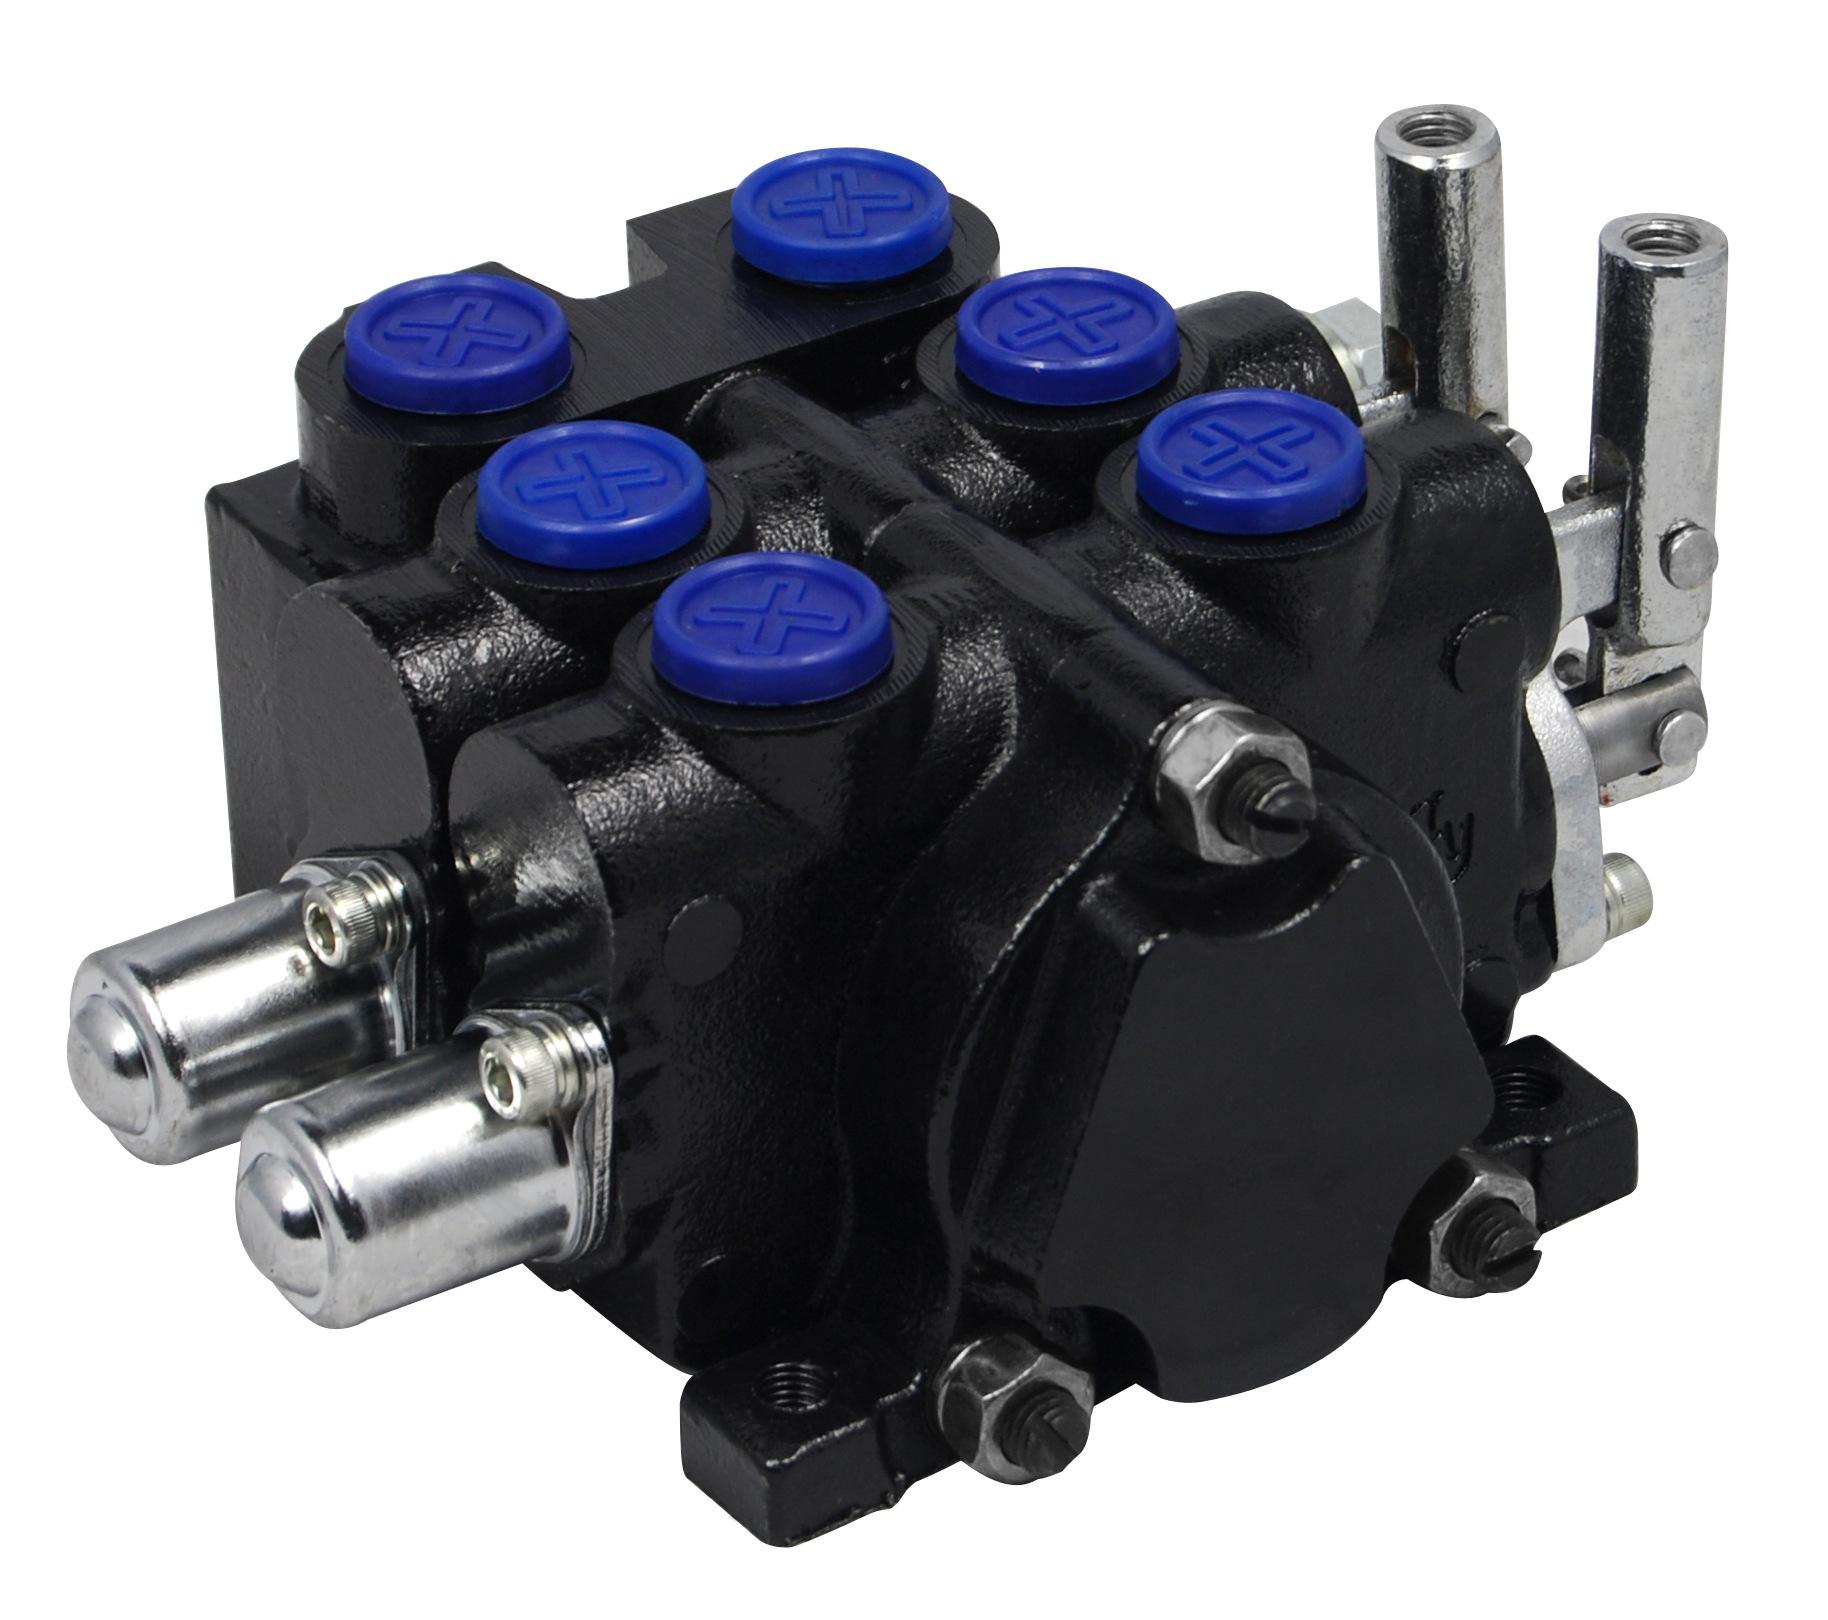 zcdb-l20-2ot液压多路阀,换向阀,手动阀 安全可靠 挖掘机多路阀图片